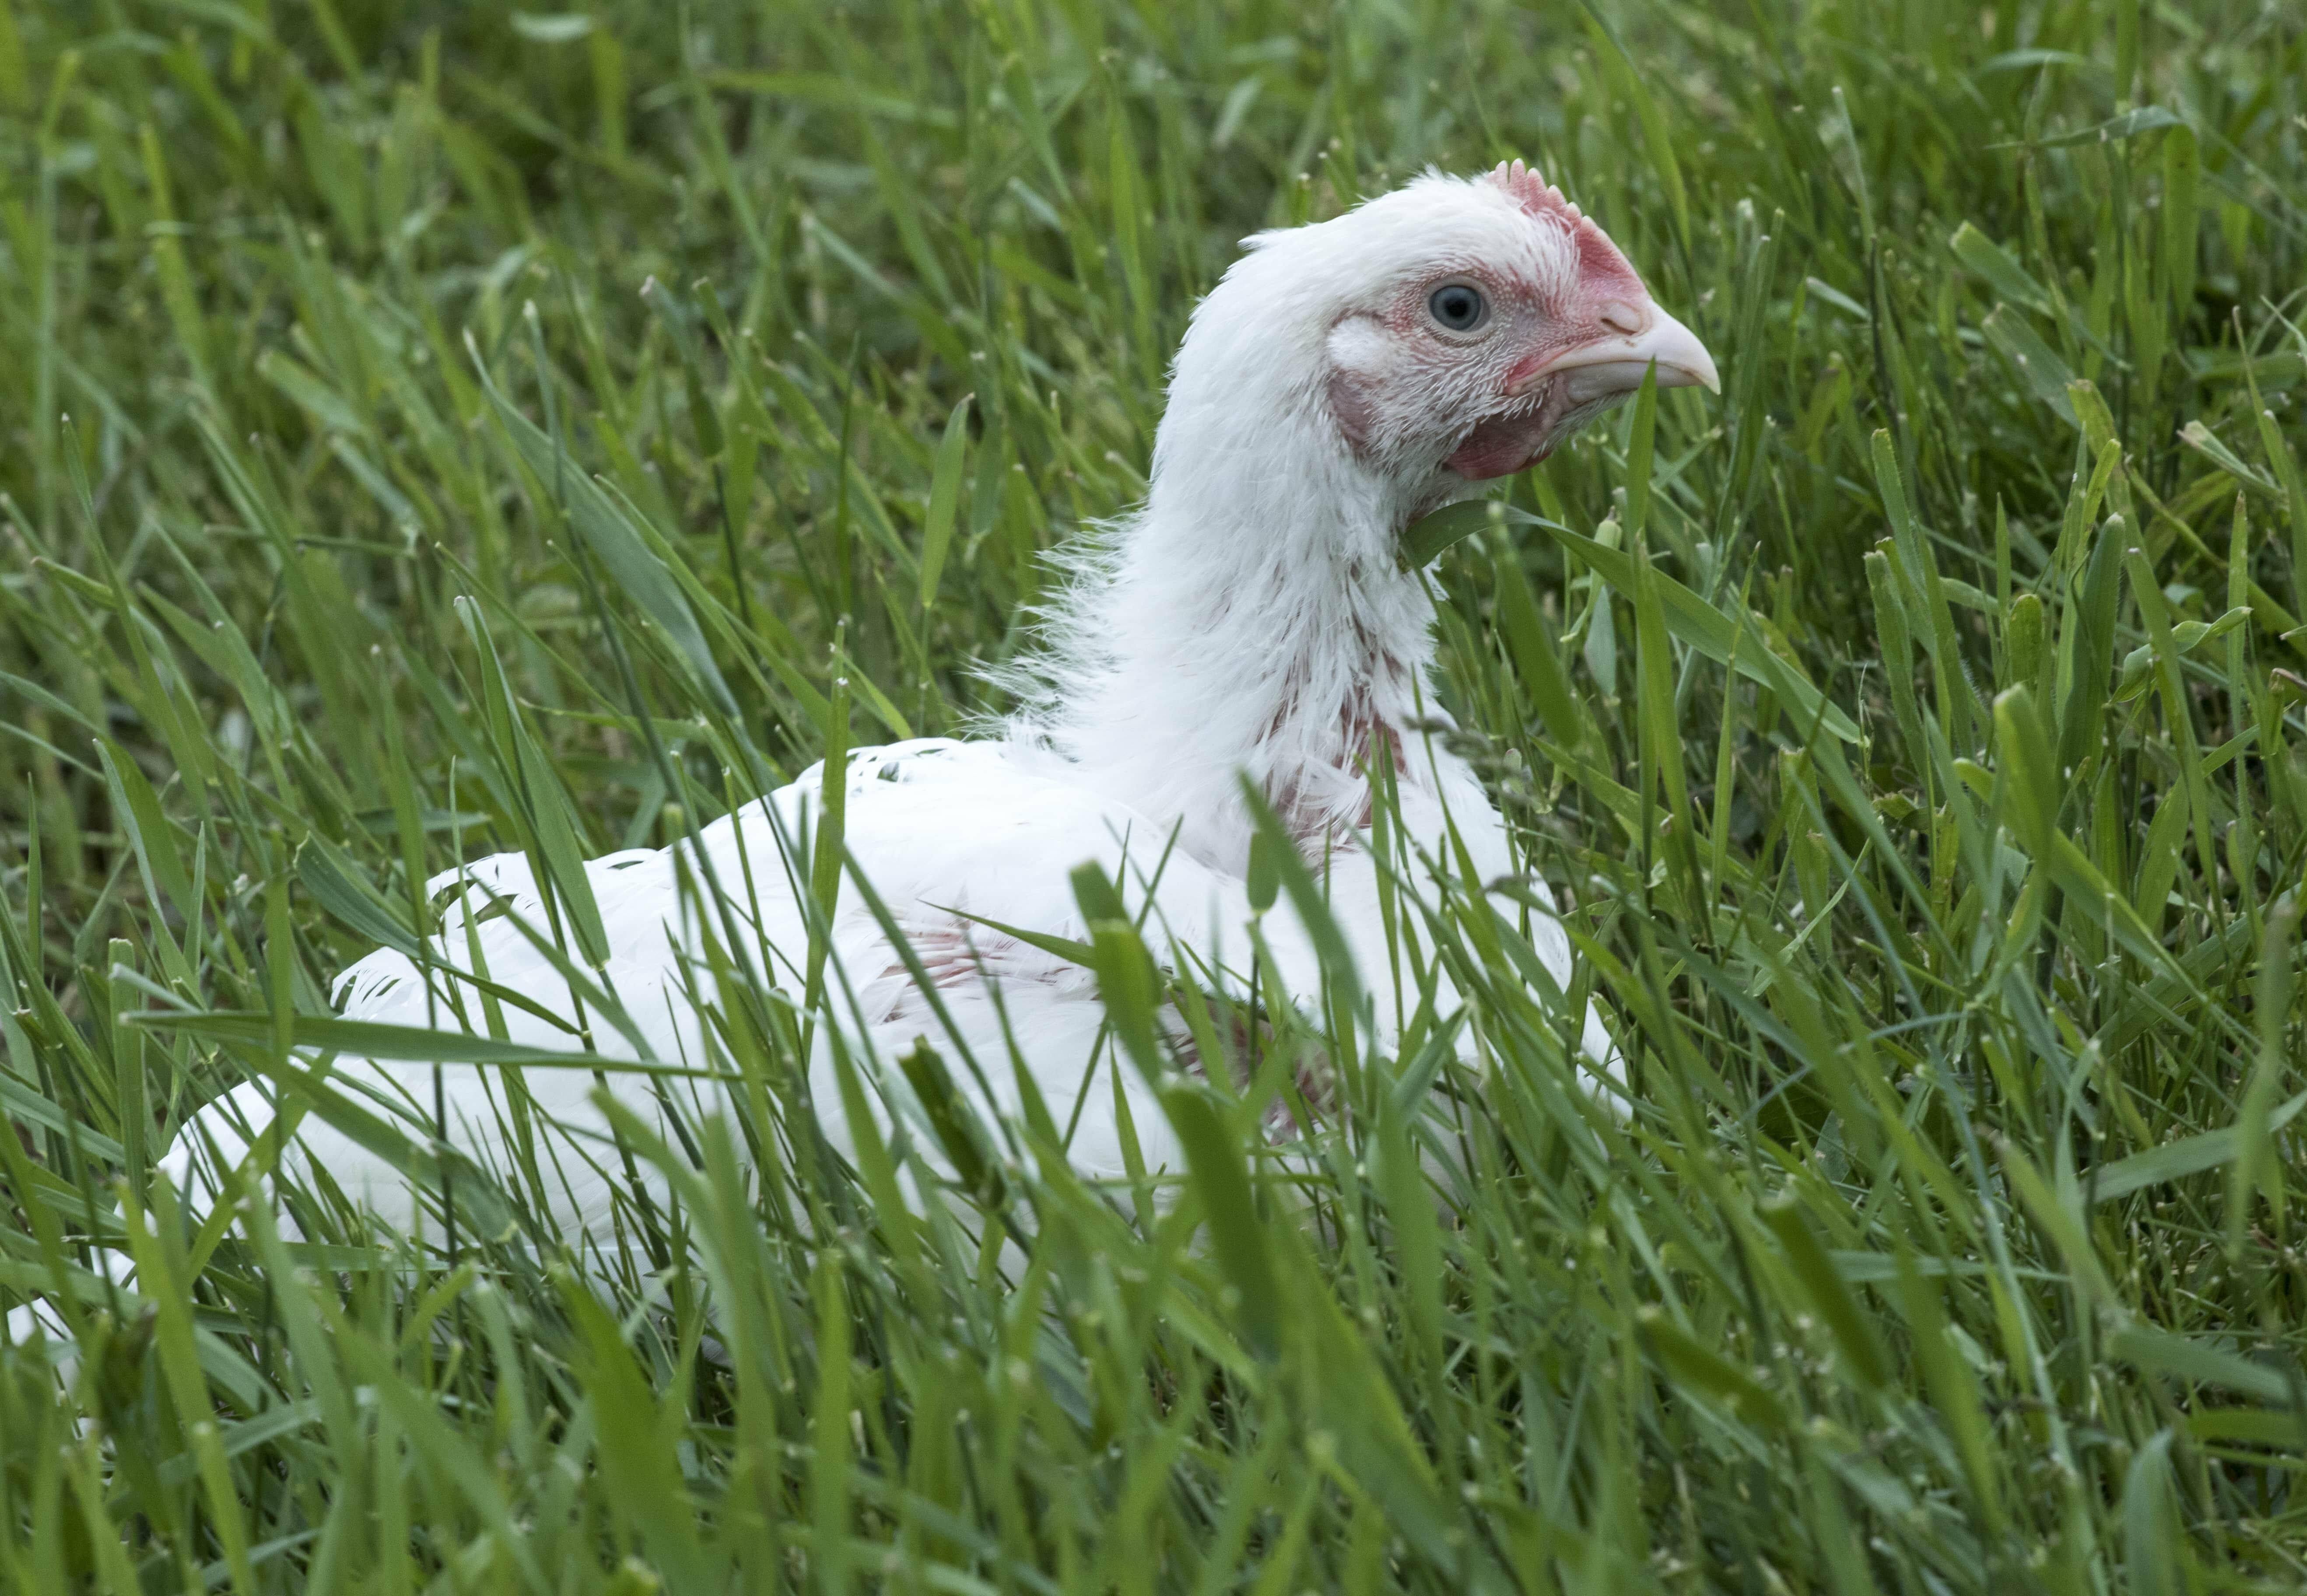 Chicken on grass